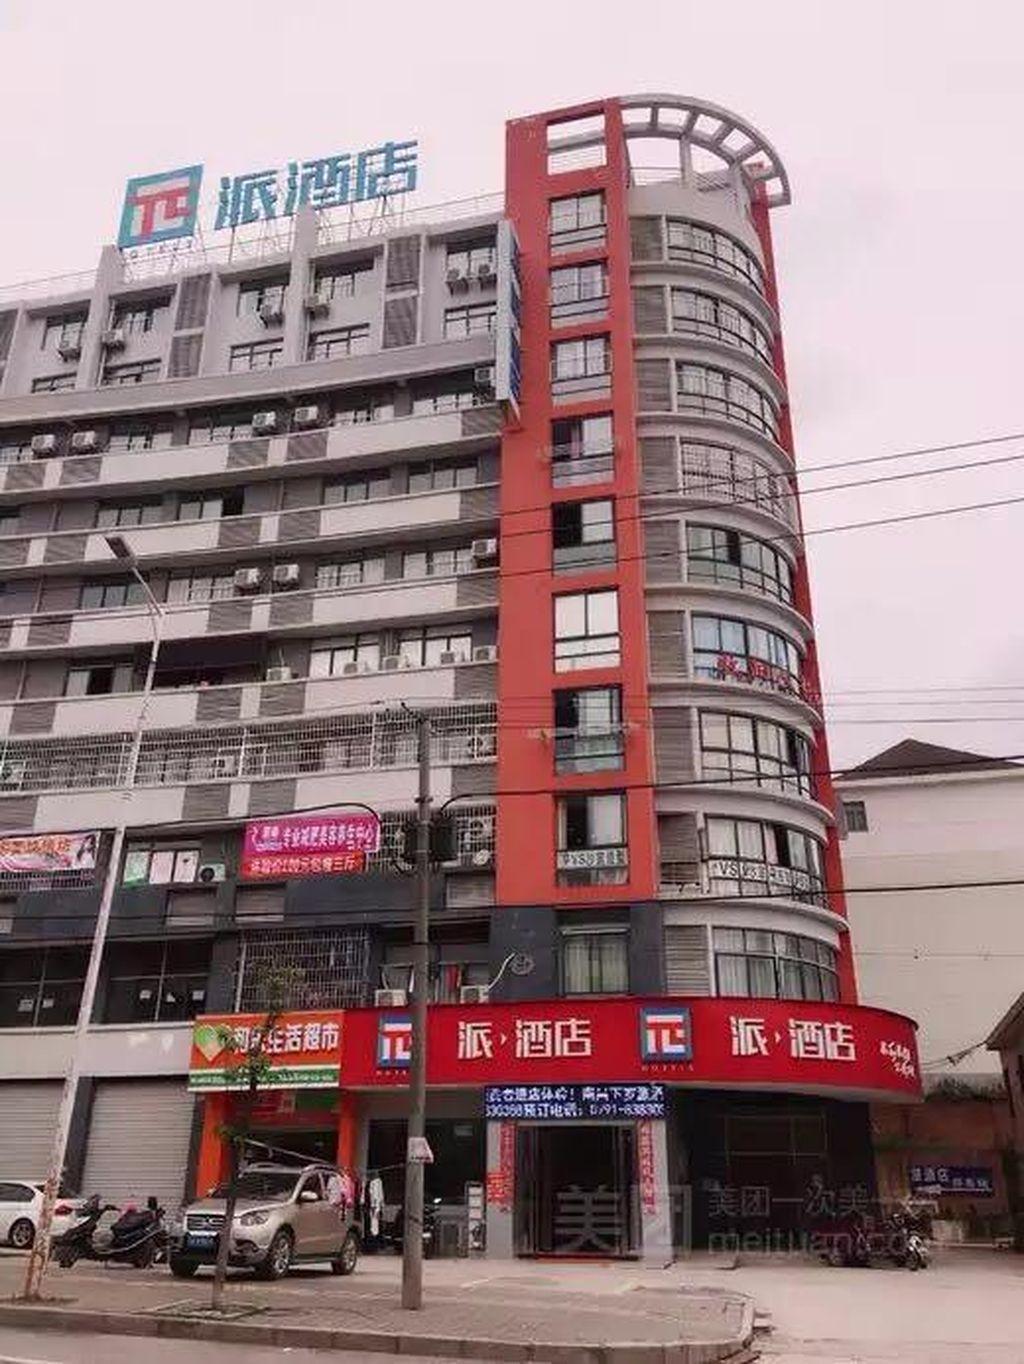 Pai Hotel Nanchang West Gate Xialuo Jiangxi University Of Finance And Economics West Gate